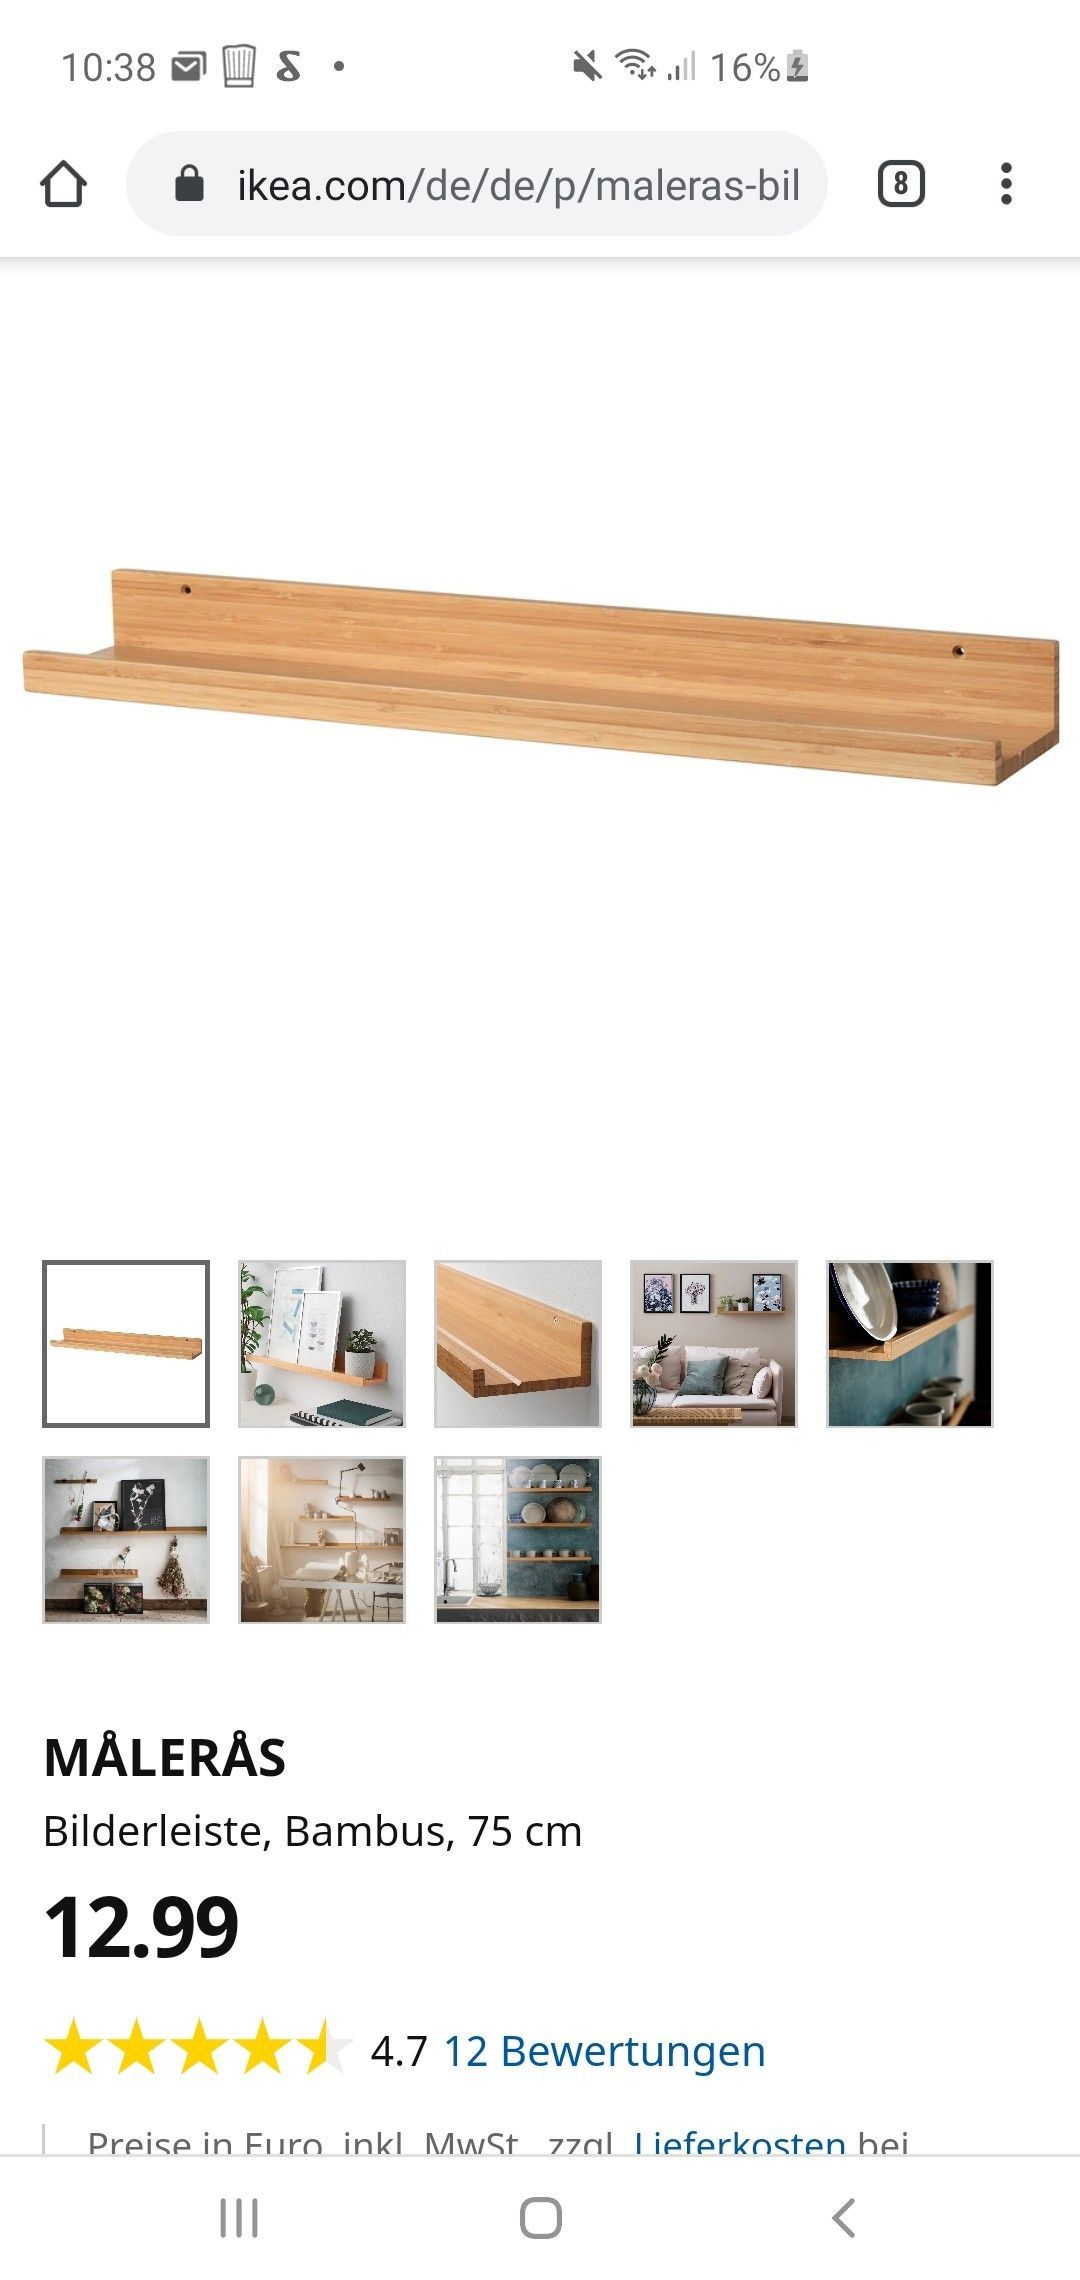 MÅLERÅS Bilderleiste Bambus IKEA Österreich